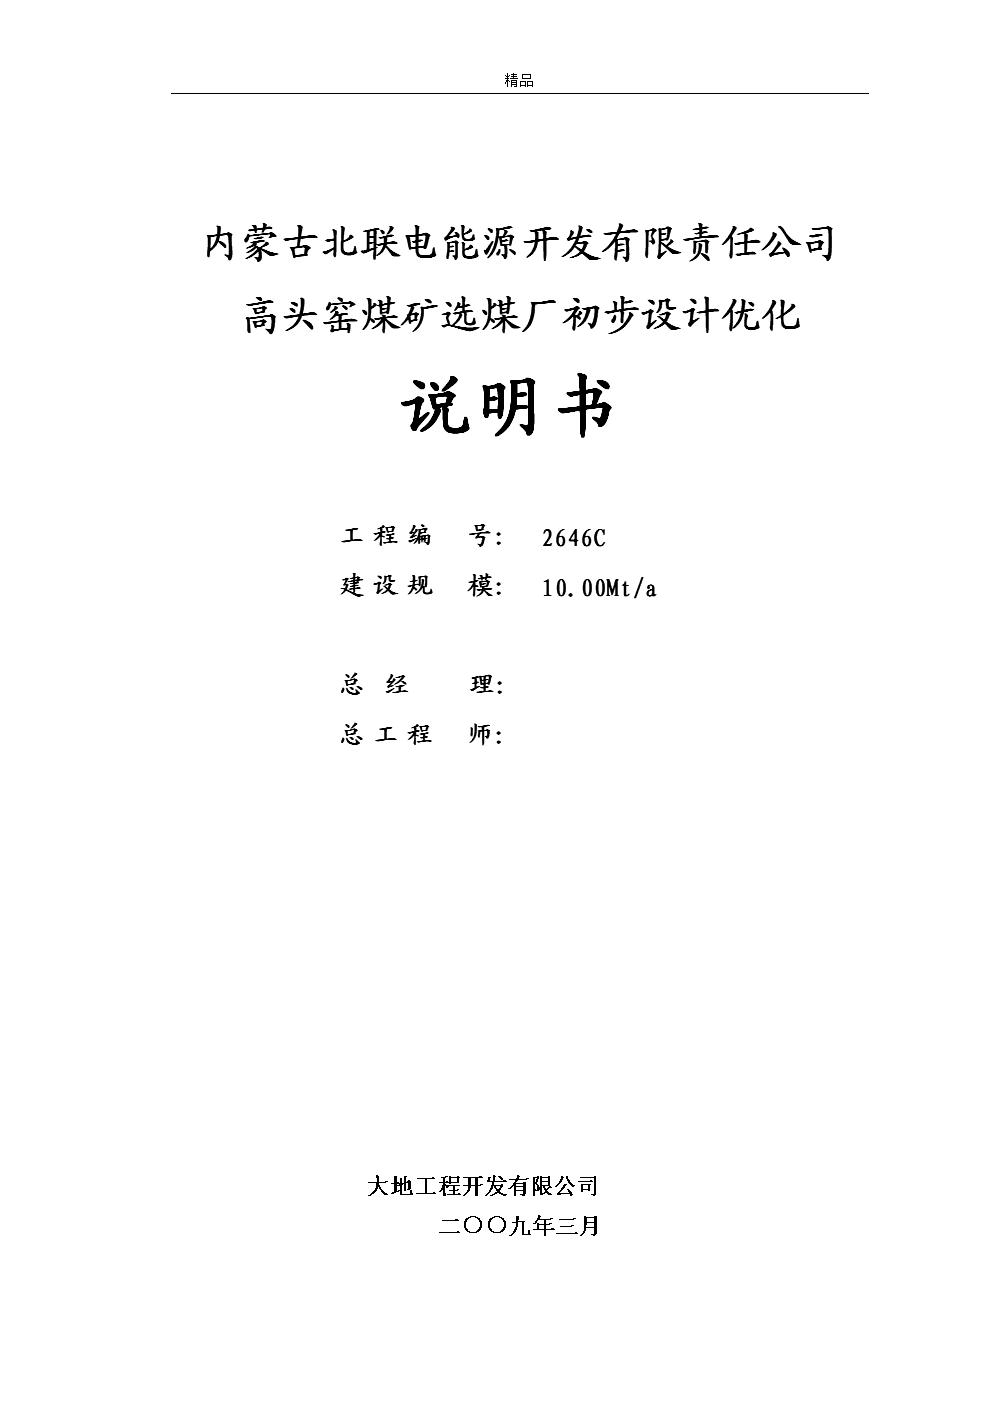 高头窑选煤初步设计优化说明书g-毕业论文(设计).doc